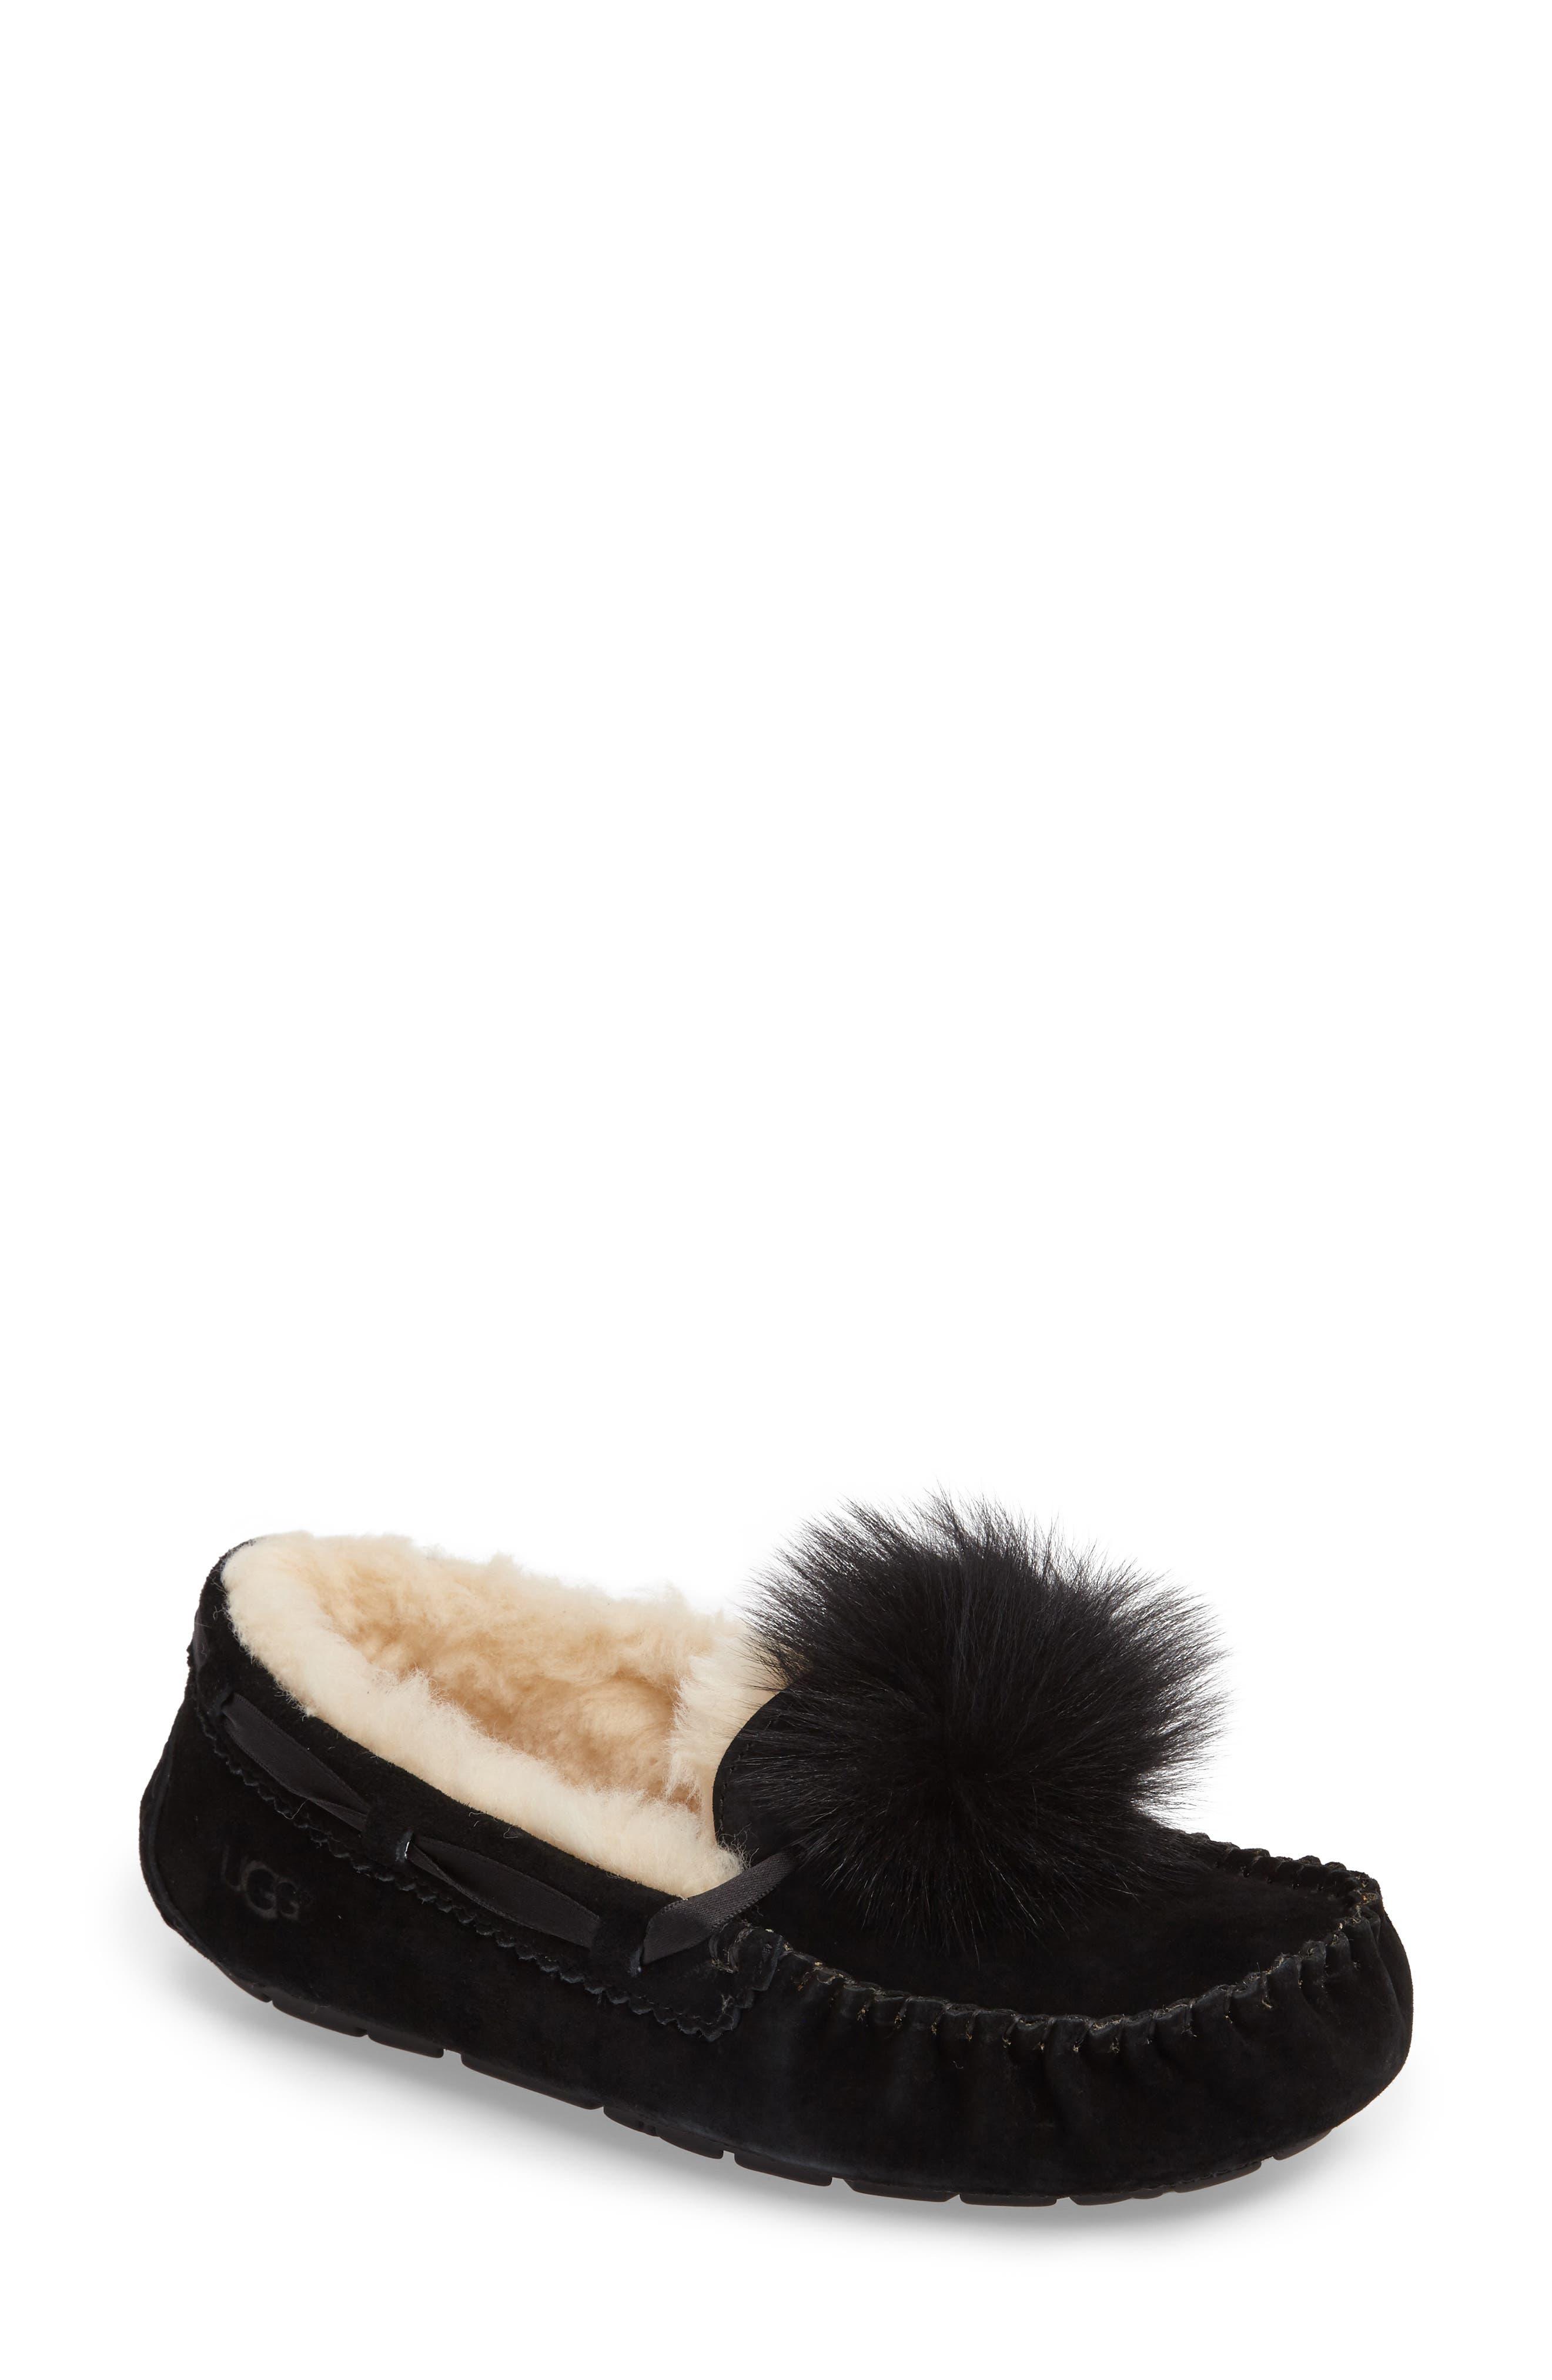 Ugg Dakota Water Resistant Genuine Shearling Pompom Slipper, Black